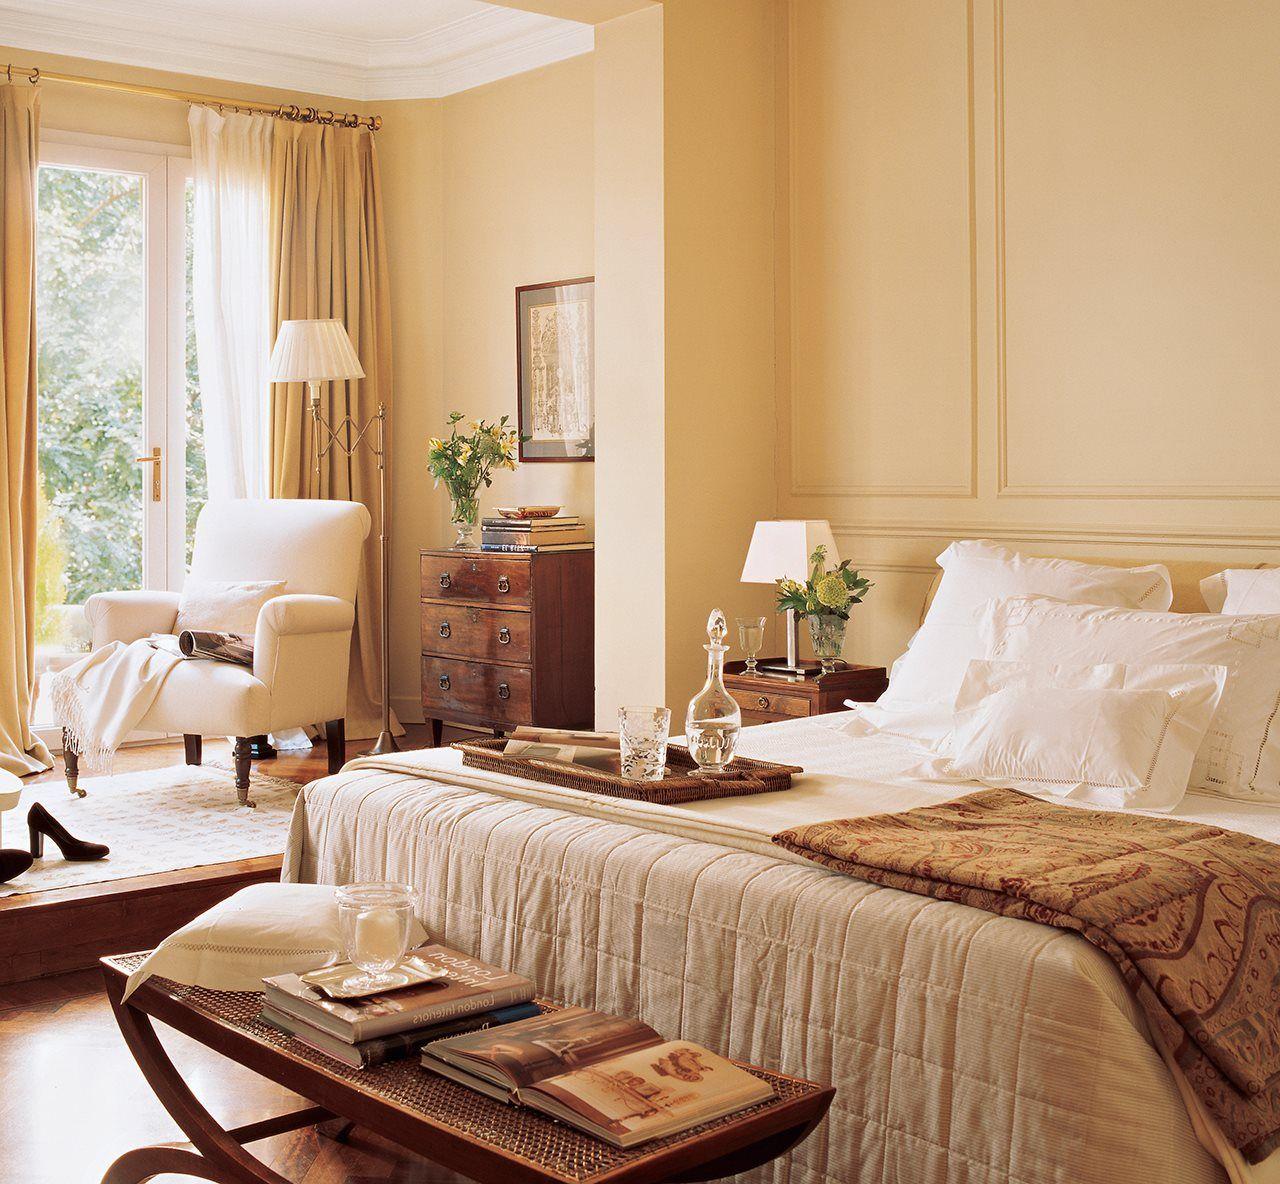 Pin de tim en vintage cortinas dormitorio matrimonio decoraci n de unas y cortinas dormitorio - Decoracion cortinas dormitorio ...